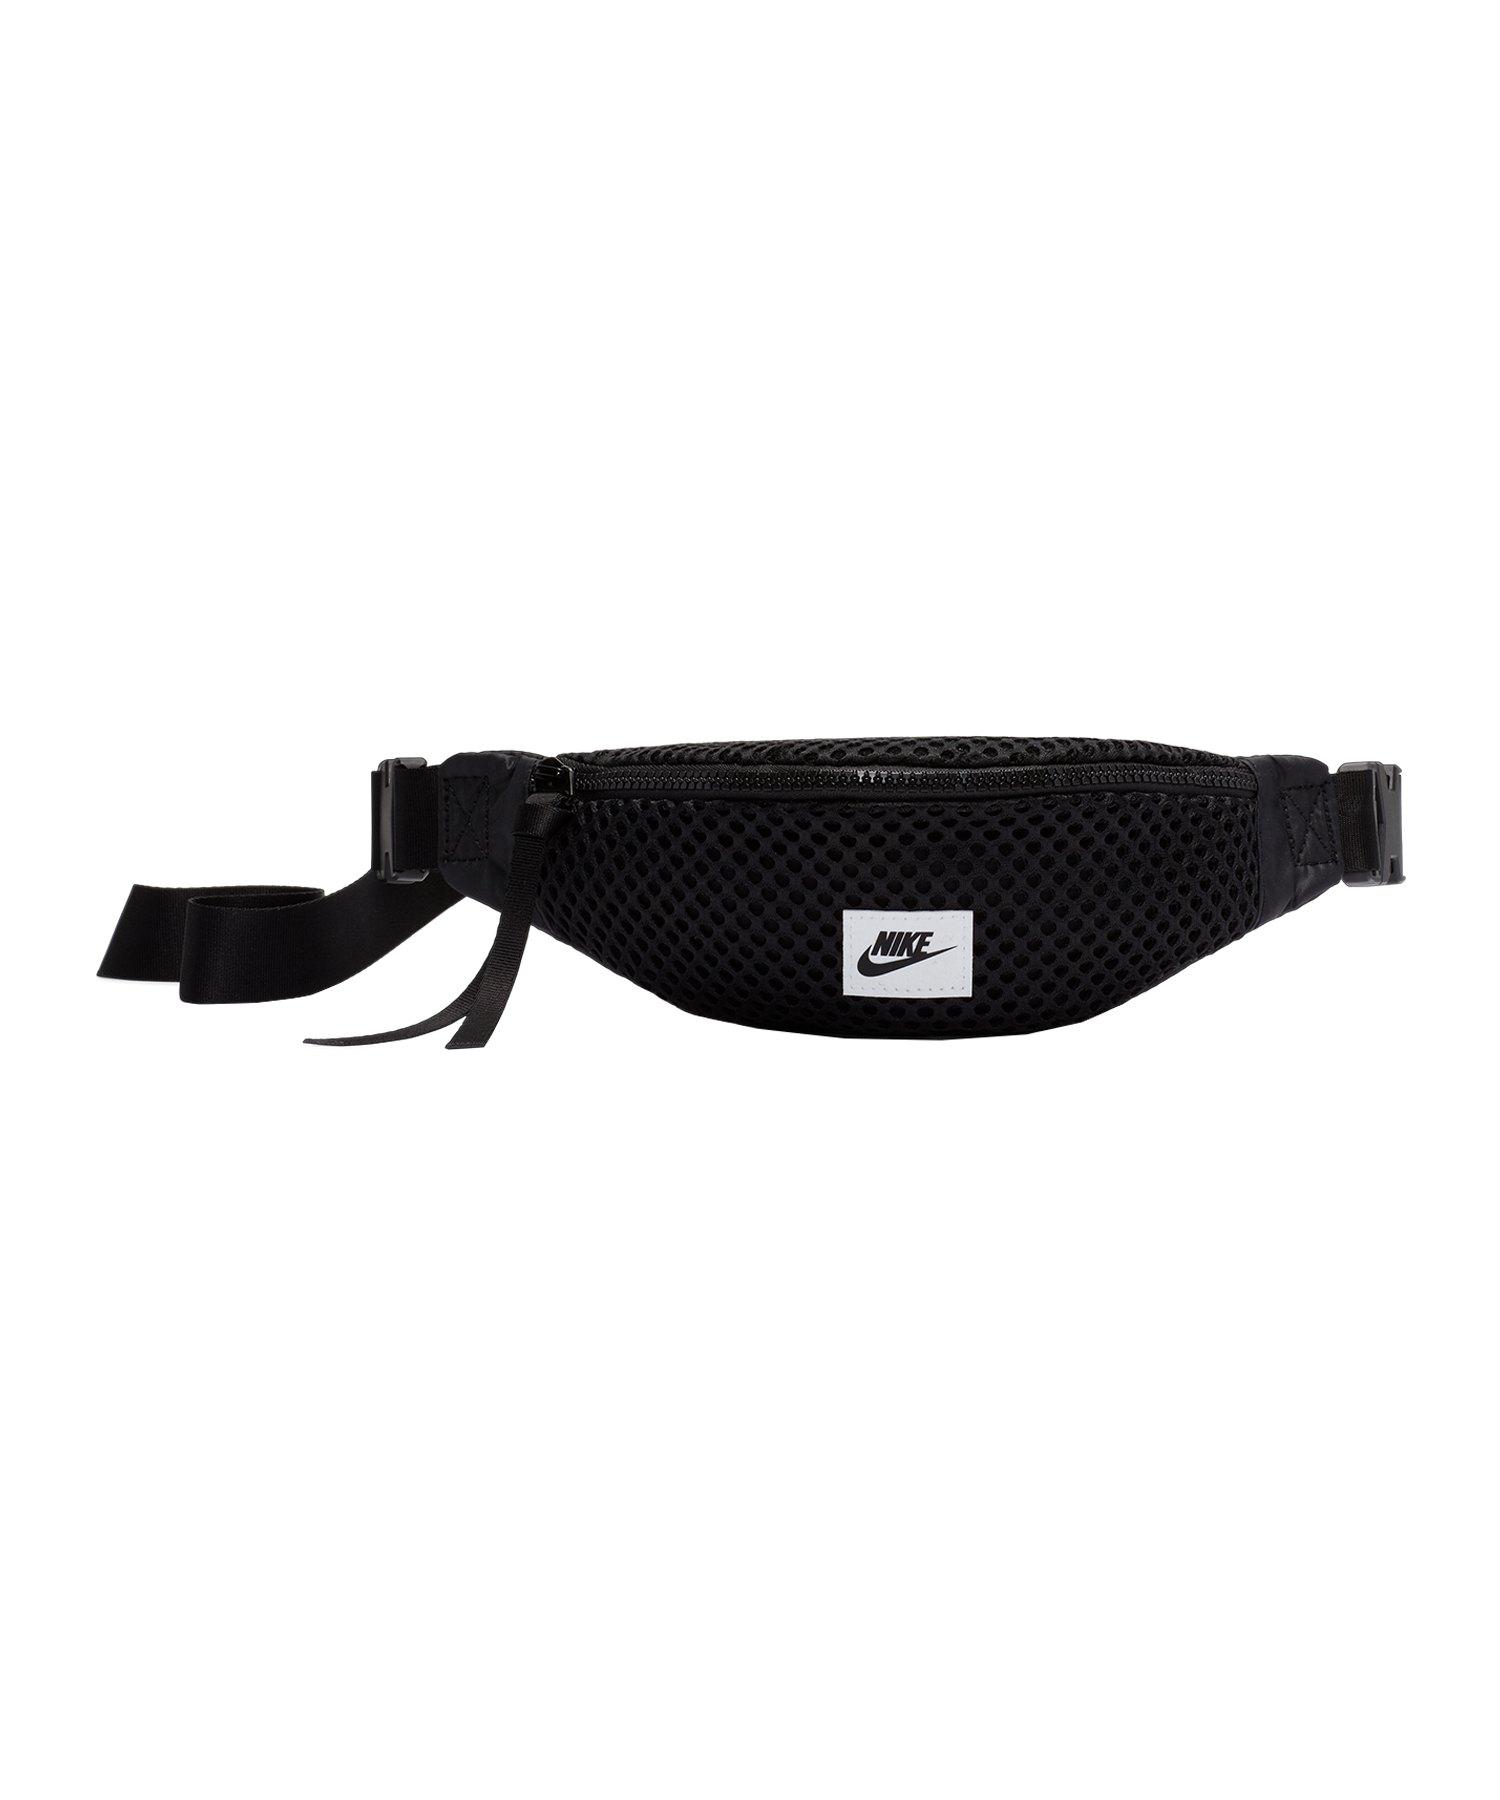 Nike Air Waist Pack Hüftasche Schwarz F010 - schwarz